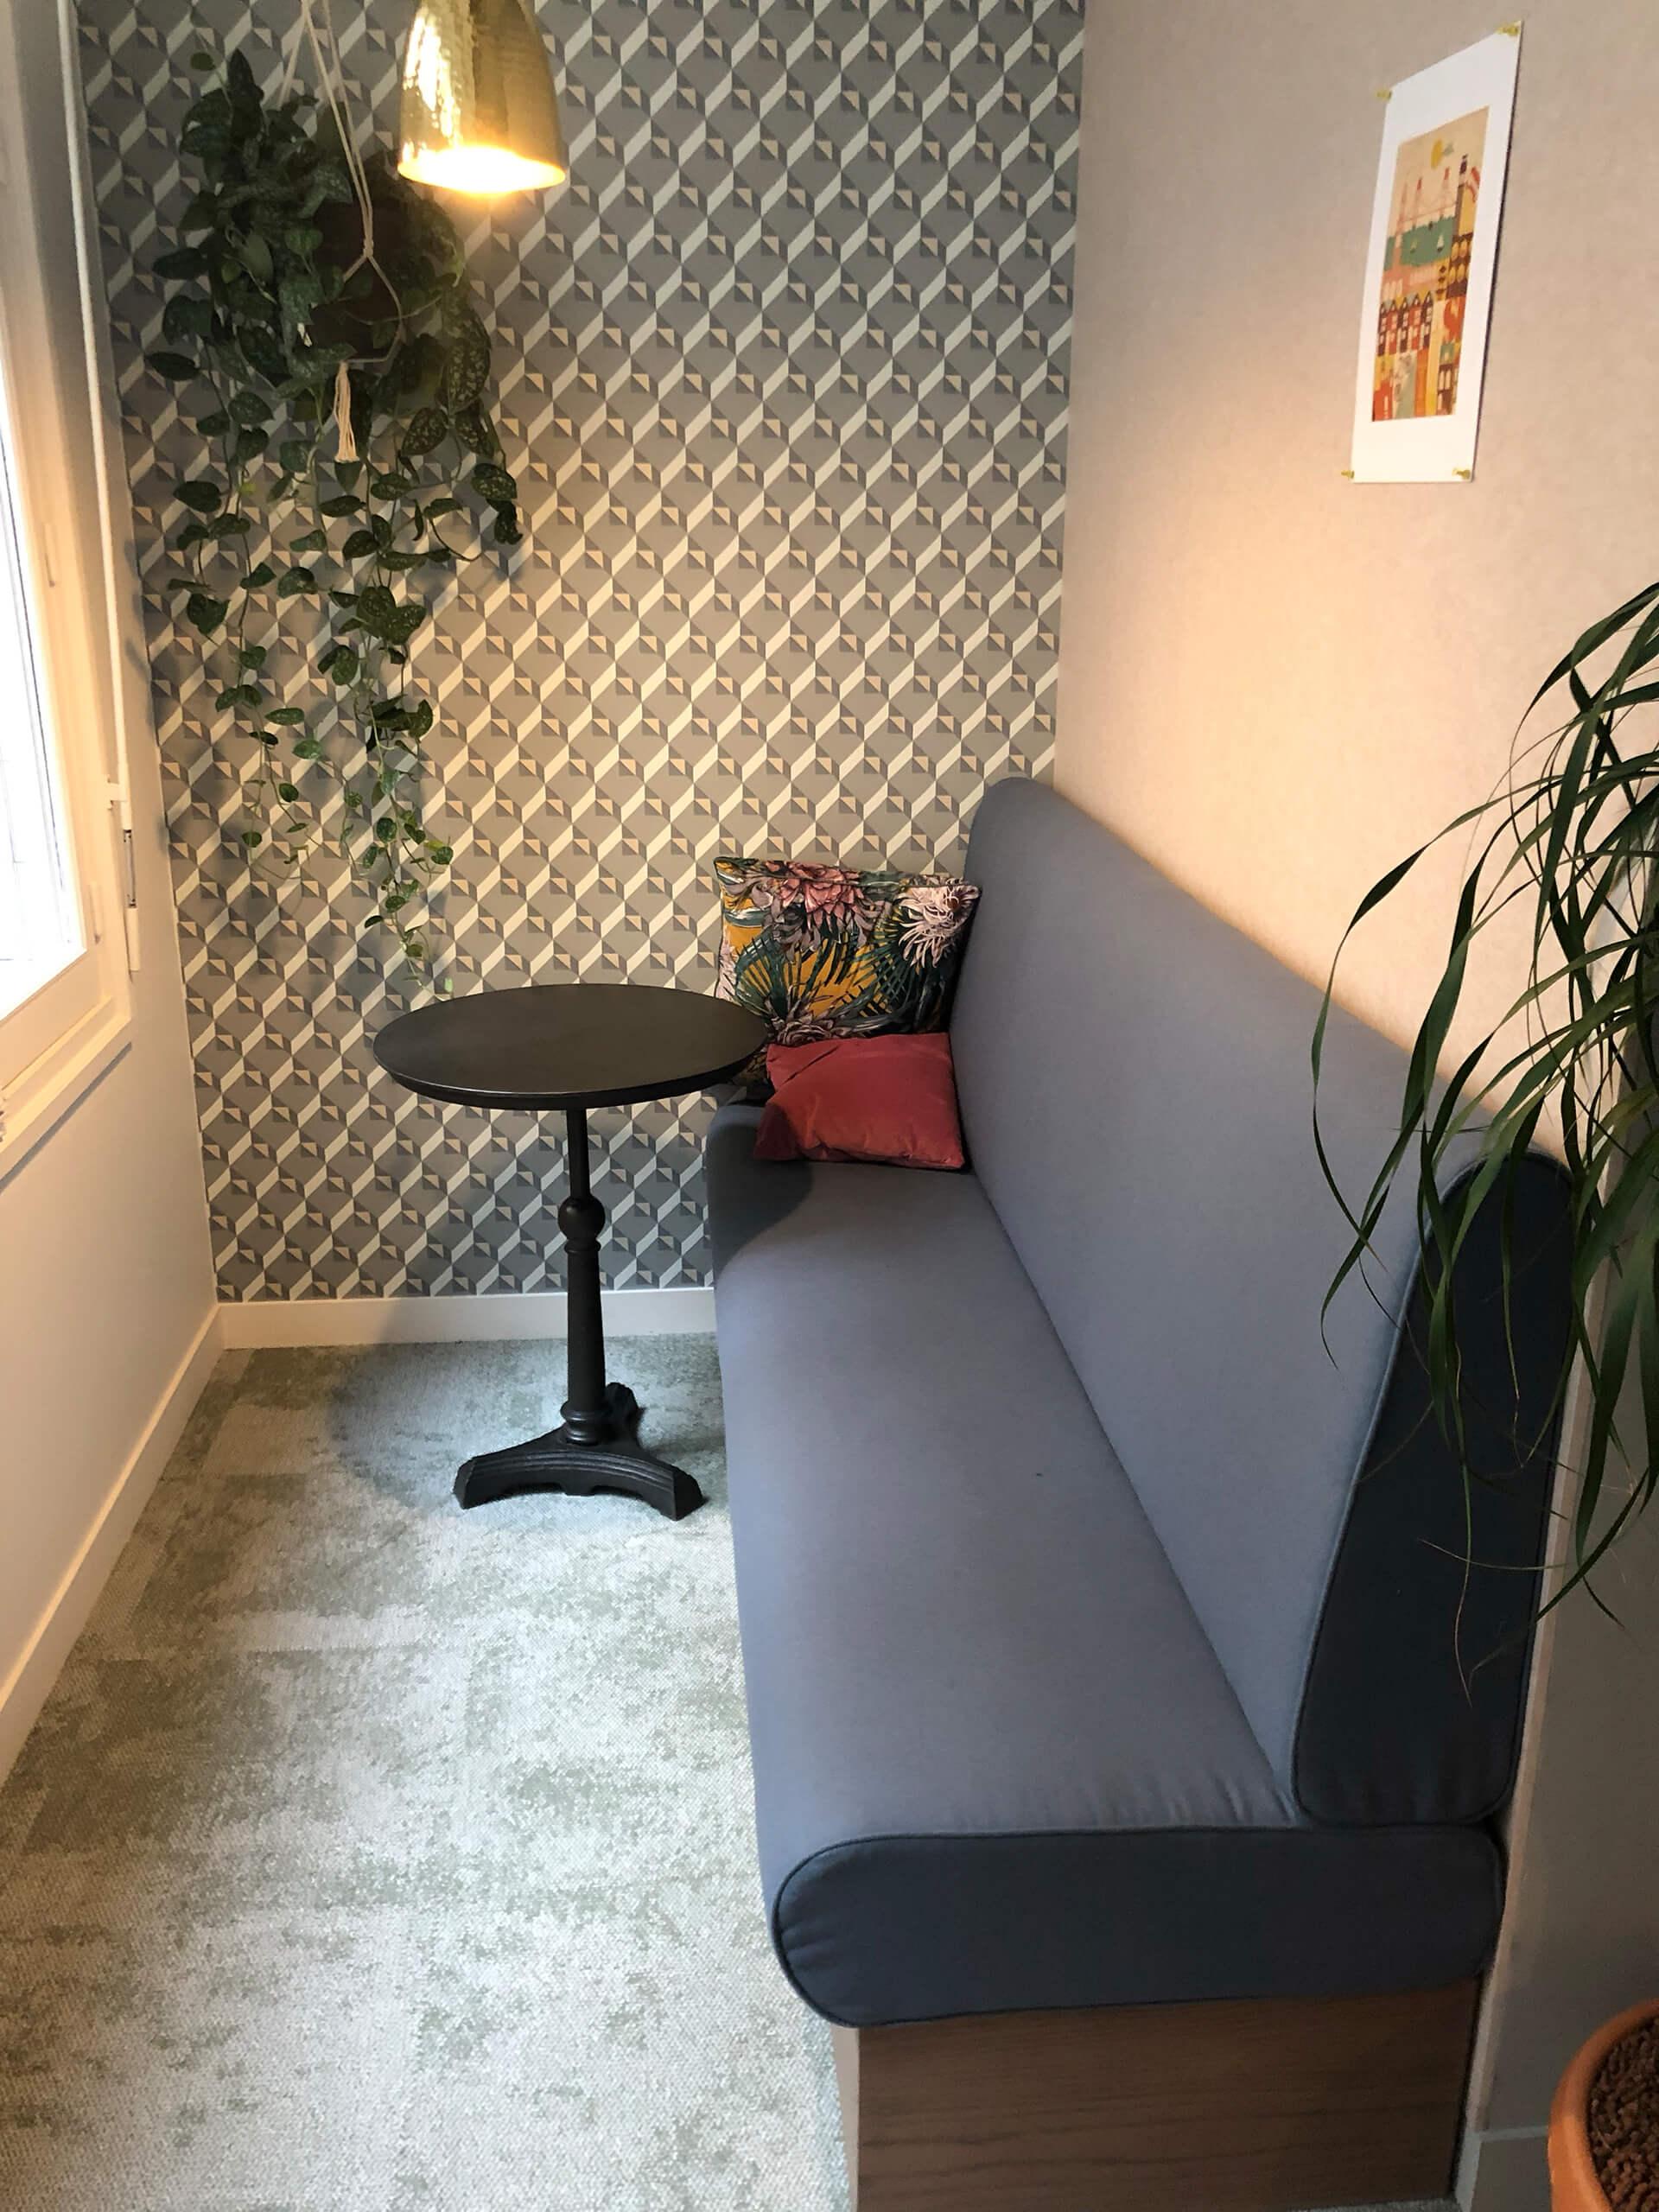 espaço lounge com sofá, mesa em madeira preta e decoração com papel de parede retro